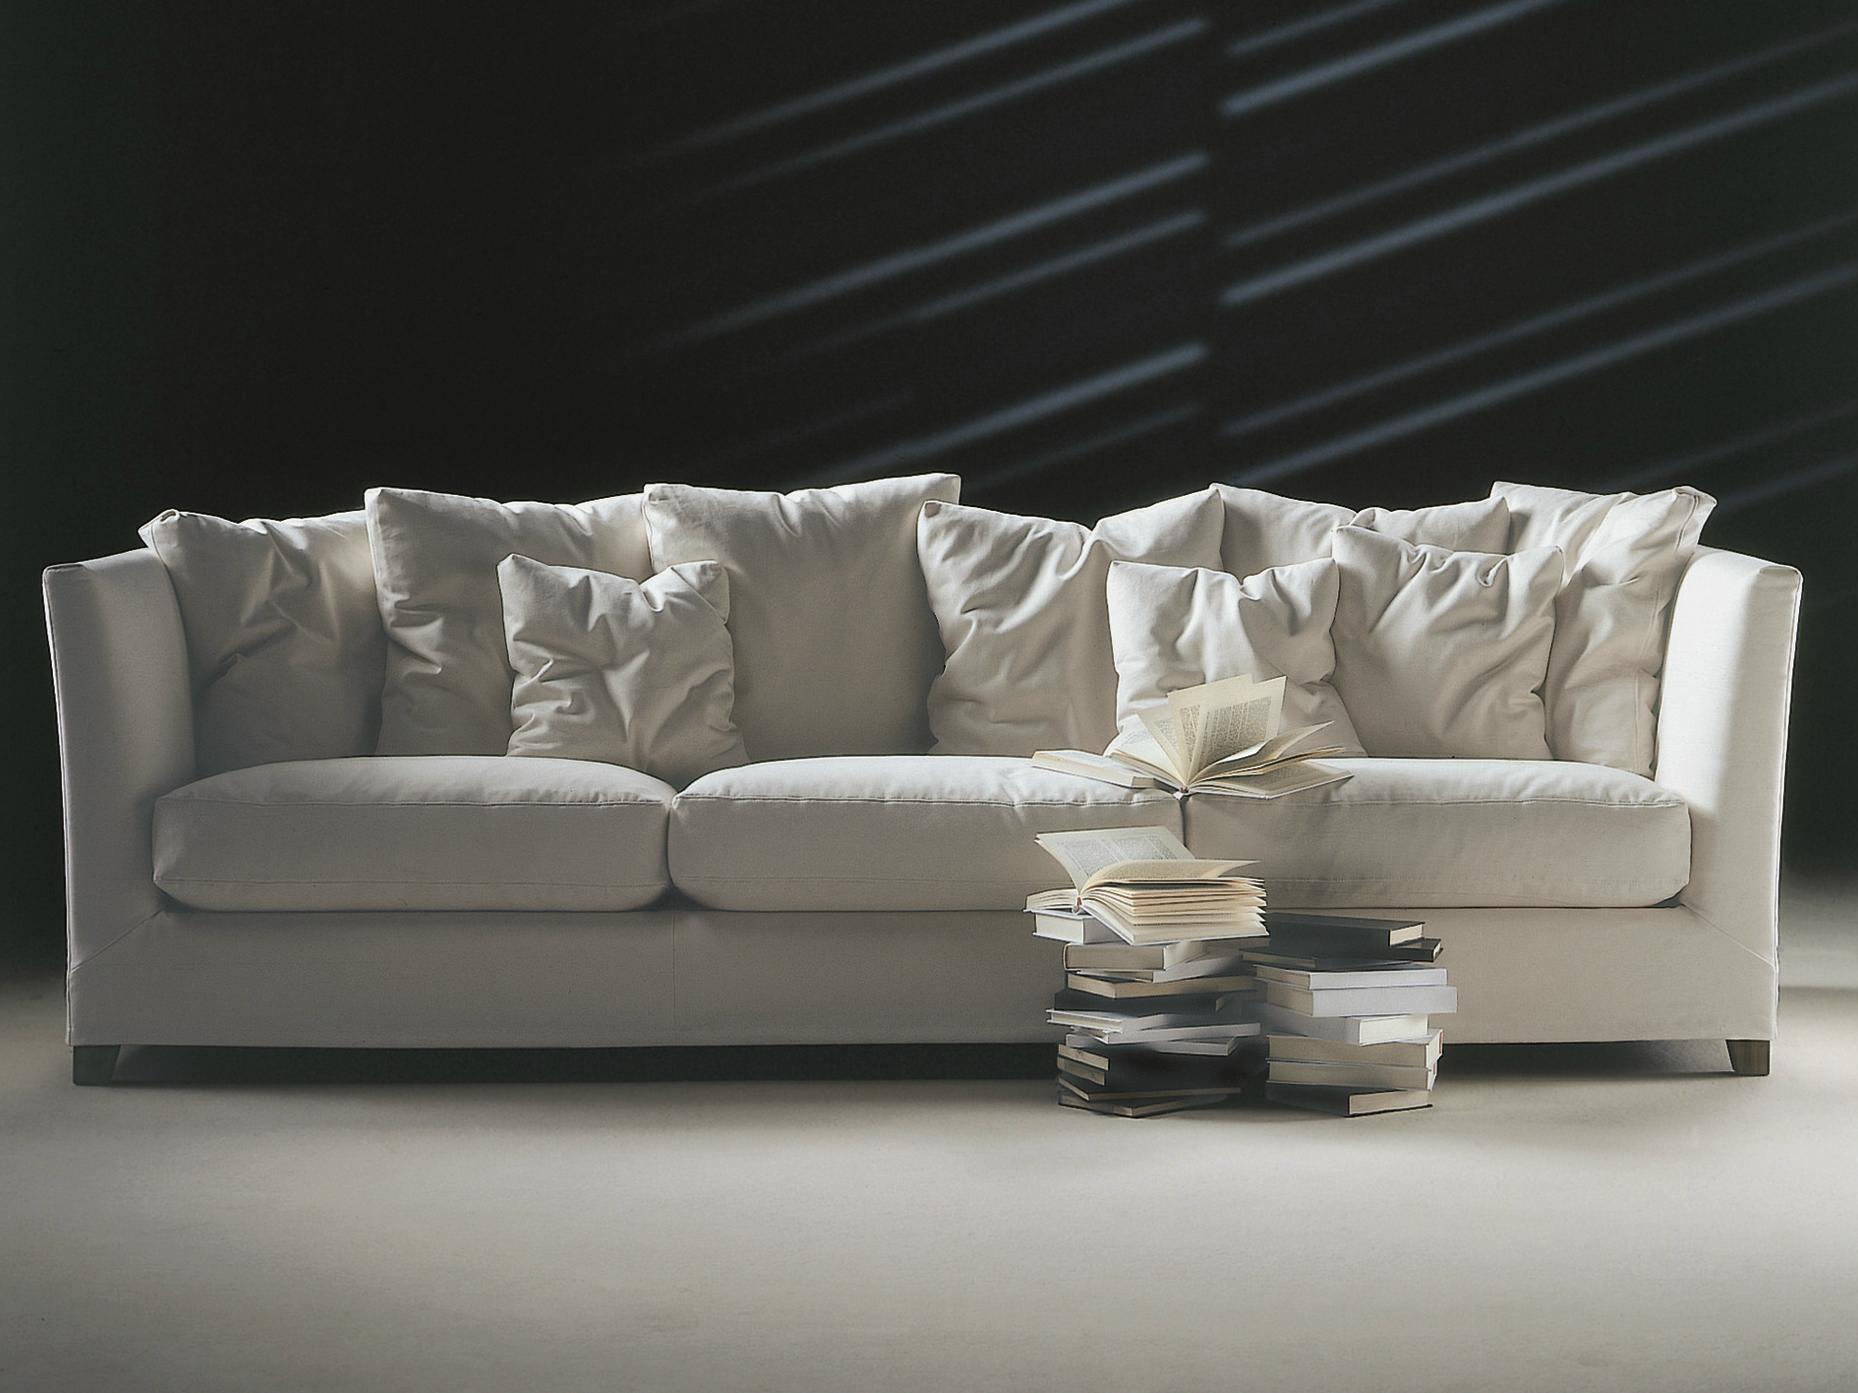 Sofa Design (Image 14 of 20)